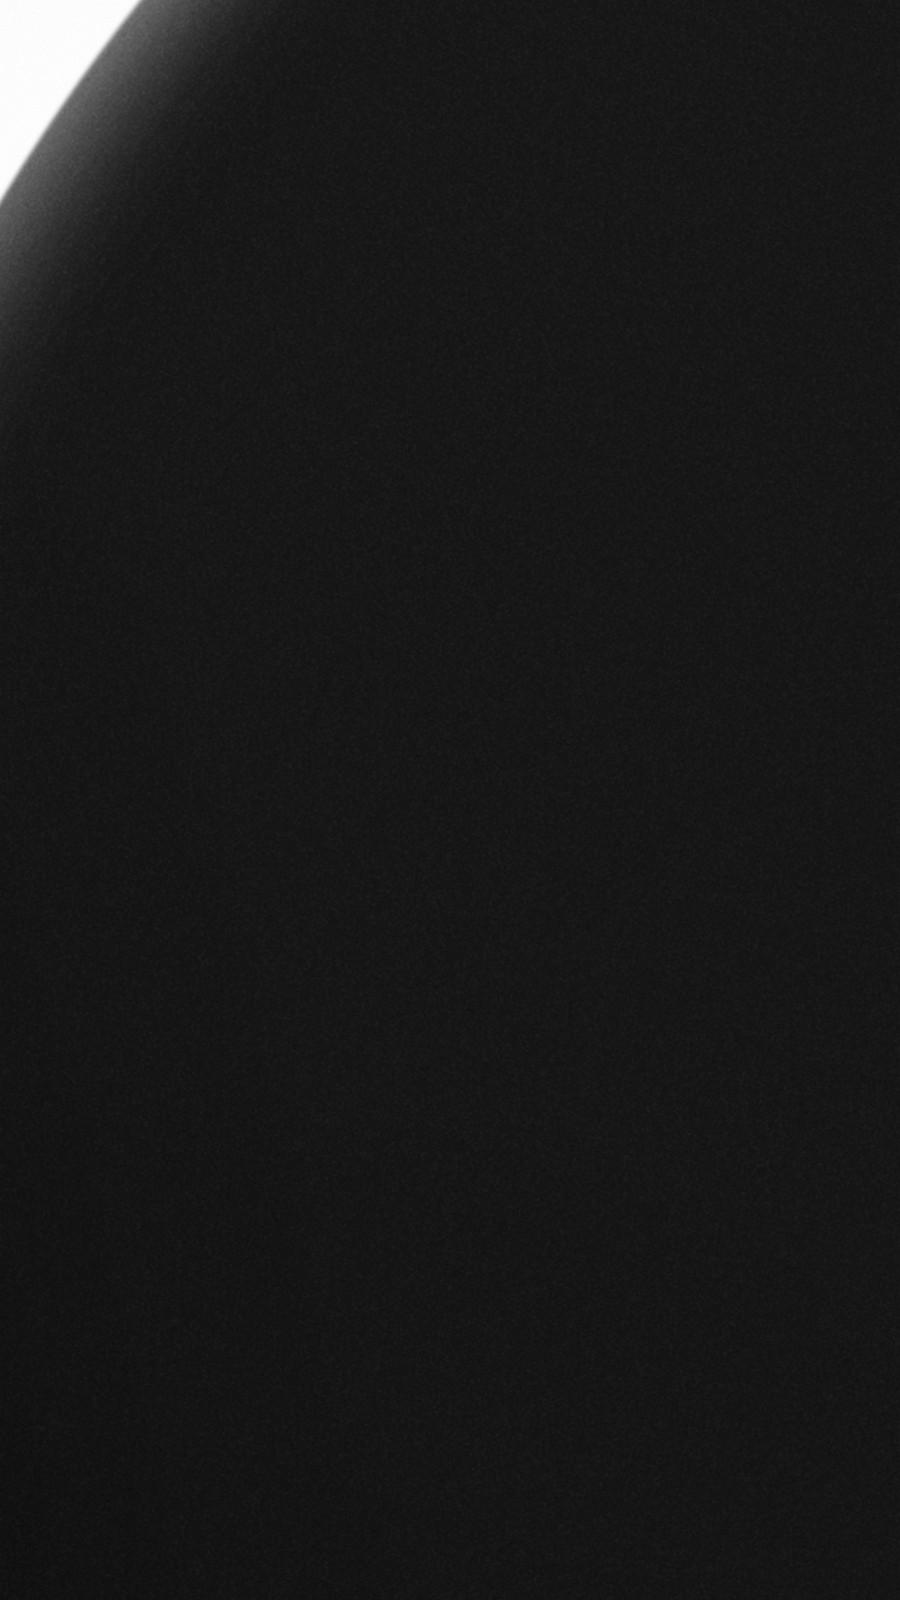 Poppy black 299 Nail Polish - Poppy Black No.299 - Image 2